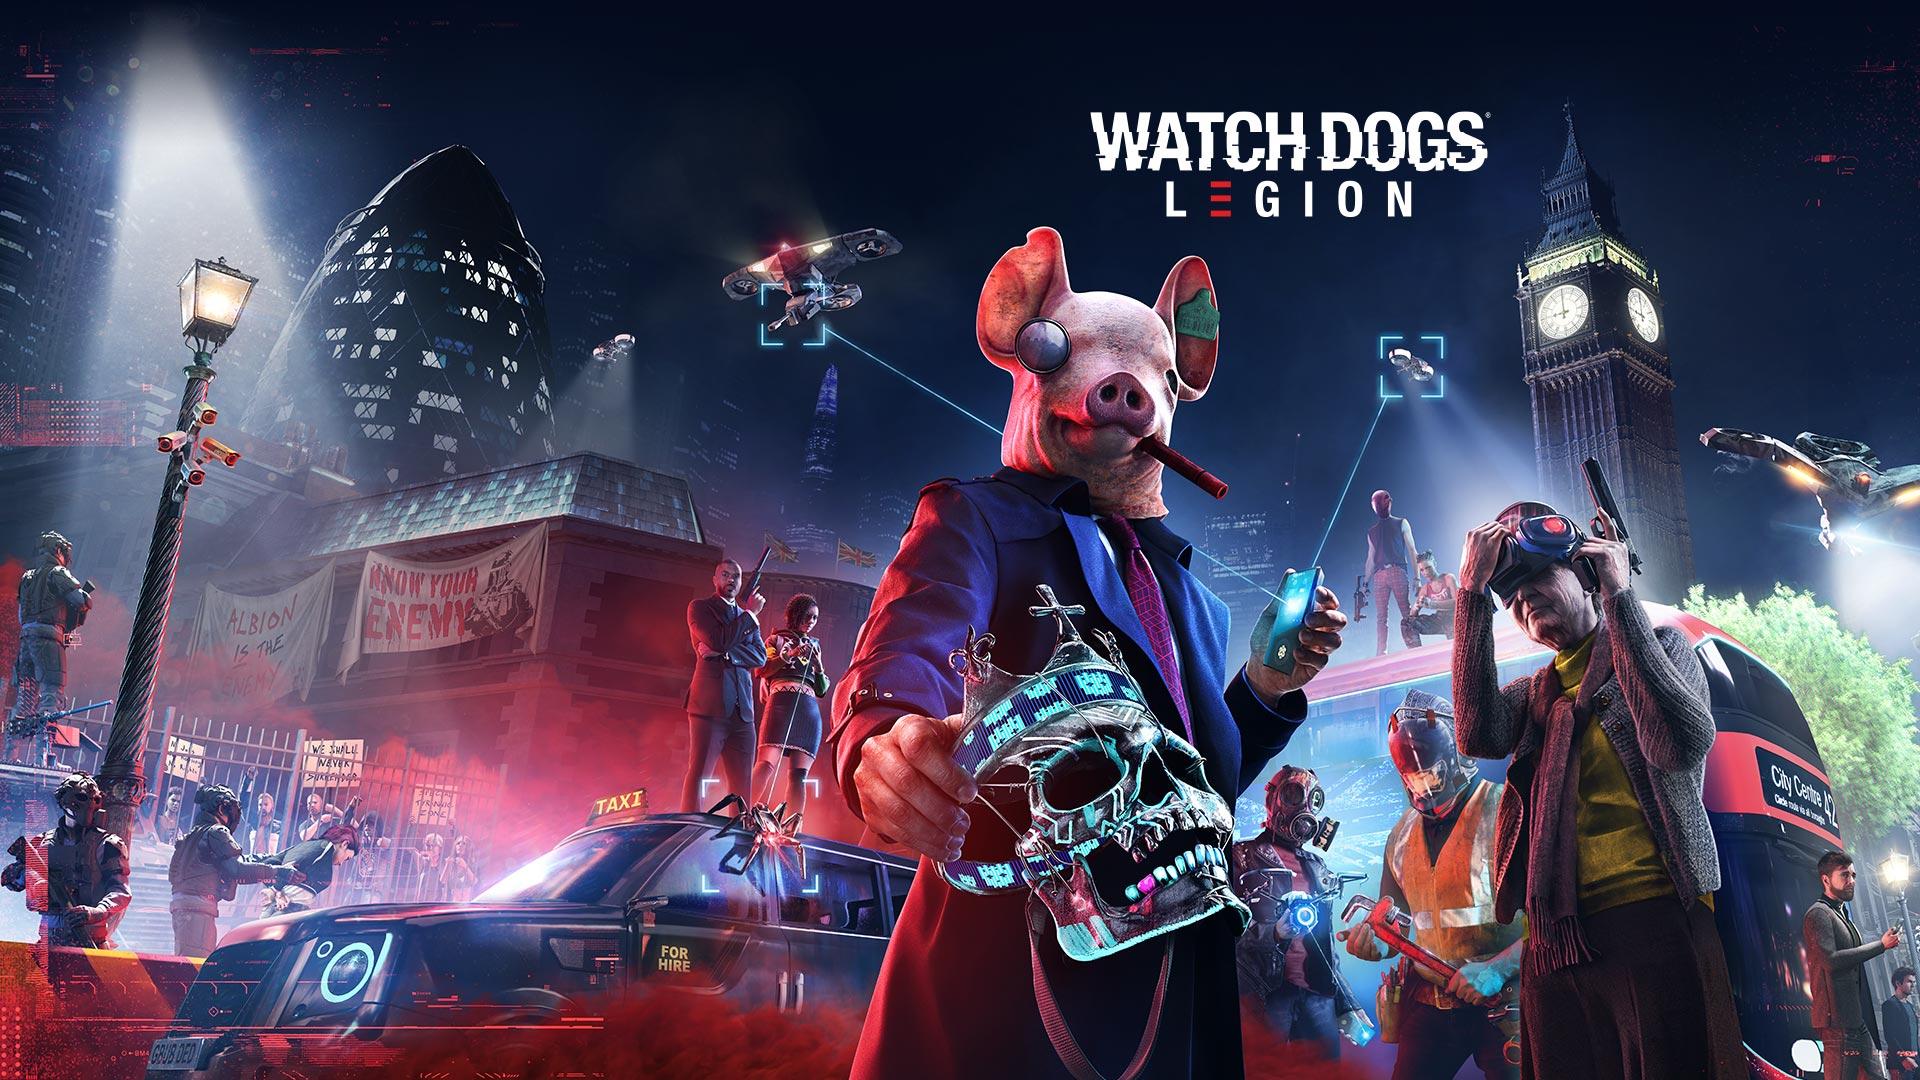 Se você pretender manter Watch Dogs Legion na sua biblioteca, a Ubisoft preparou uma campanha que coloca o jogo com um desconto de até 50%.